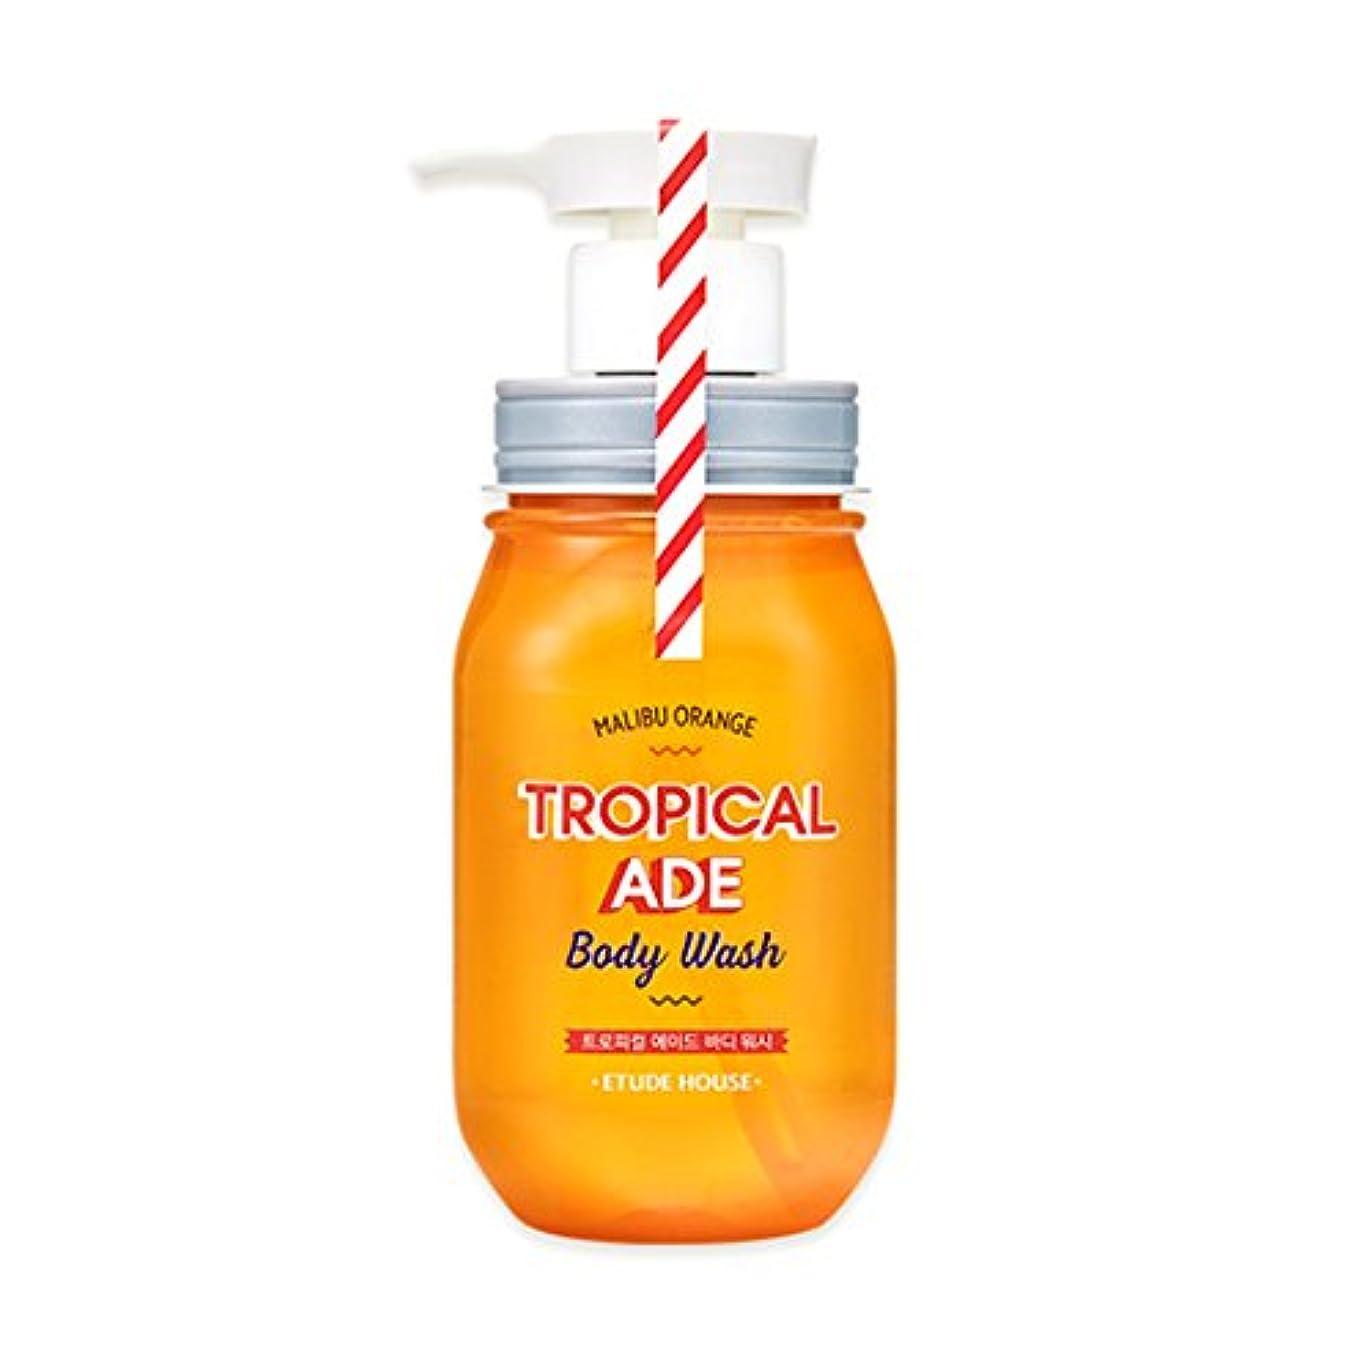 チーターり仲介者ETUDE HOUSE TROPICAL ADE Body Wash # Malibu Orange /エチュードハウス トロピカルエイドボディウォッシュ 300ml [並行輸入品]